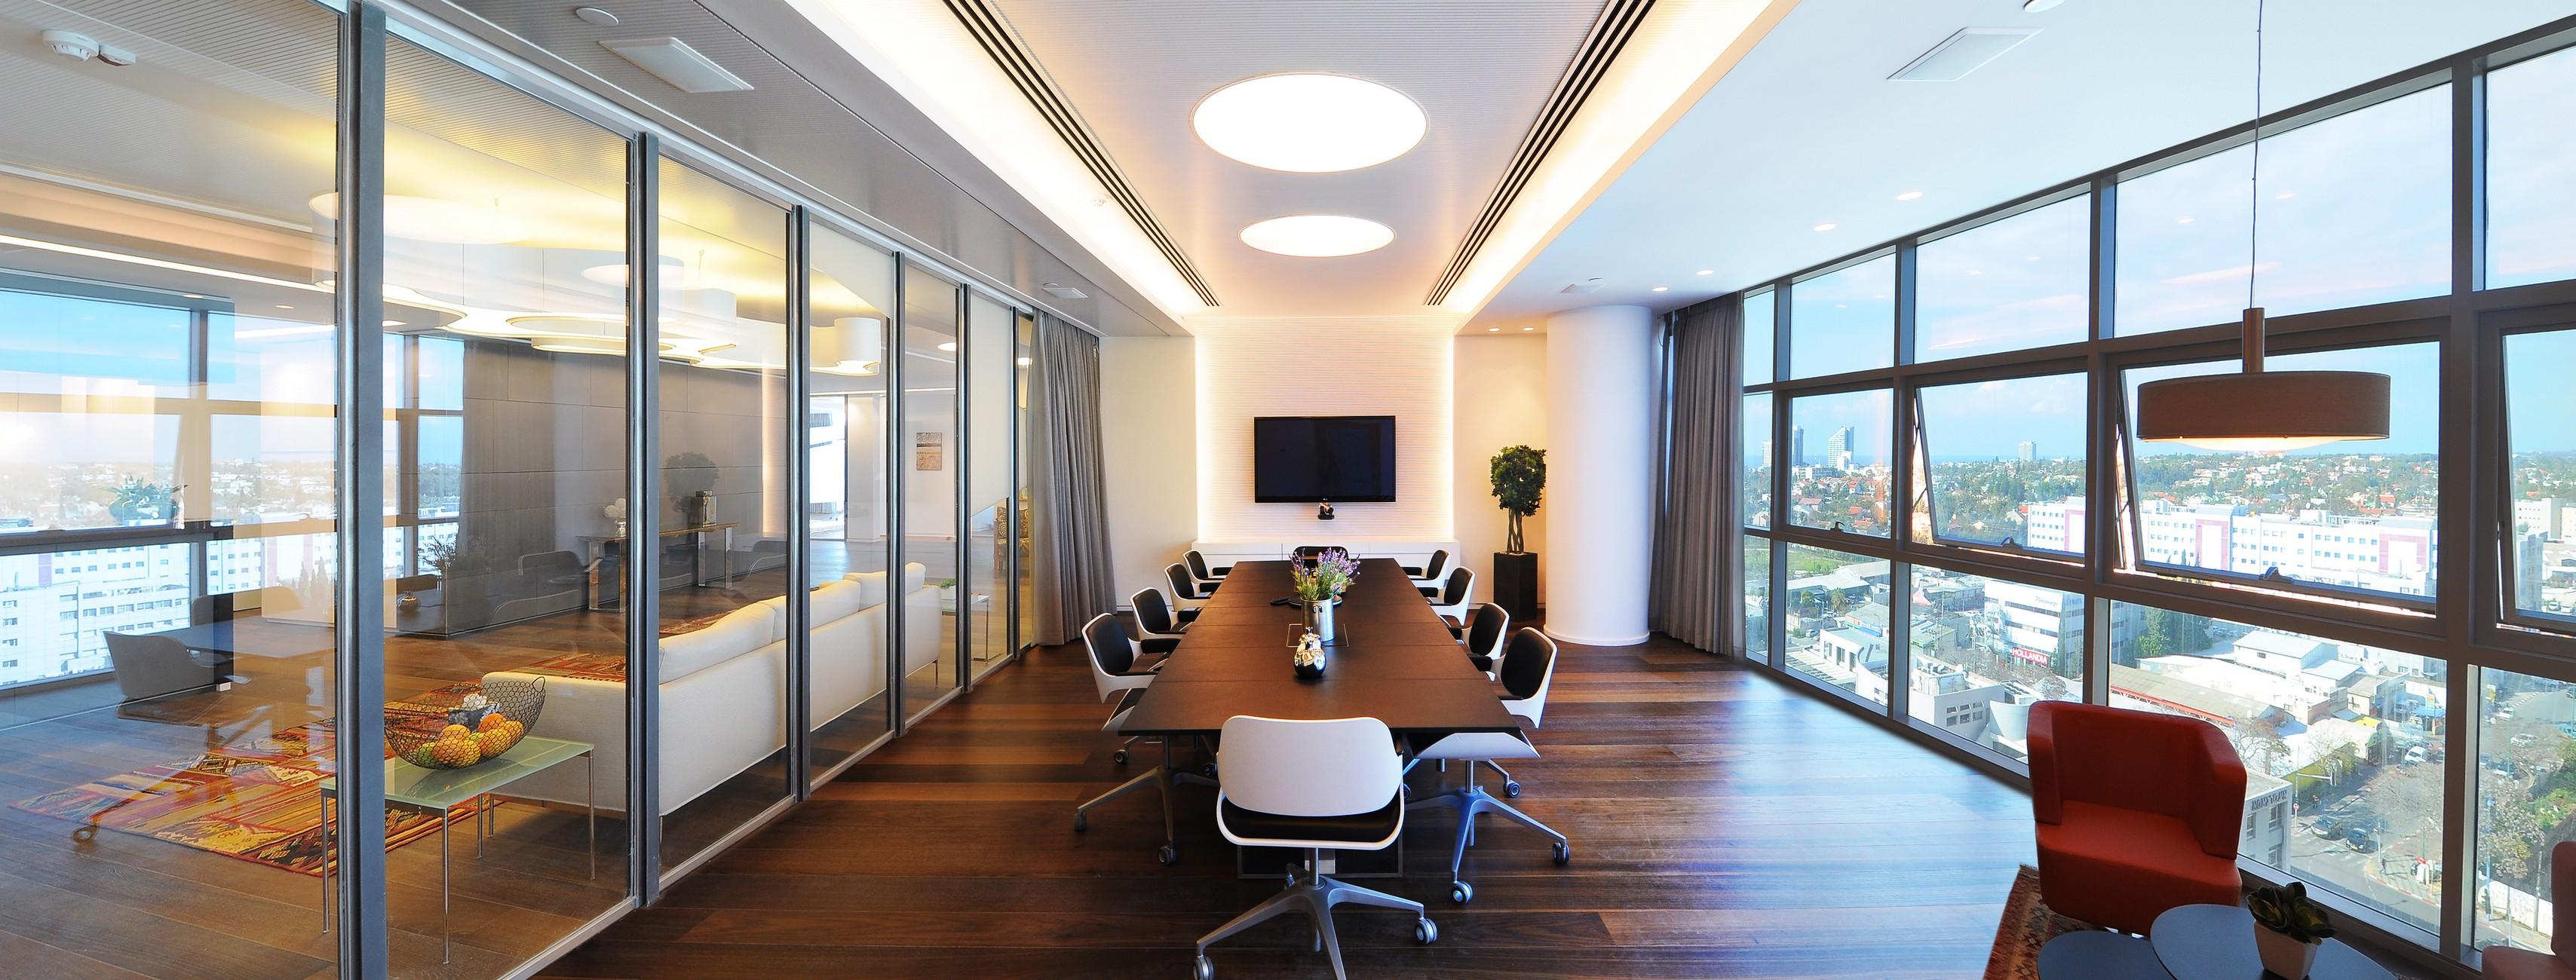 תכנון ועיצוב חדר הישיבות בגלובל וילג